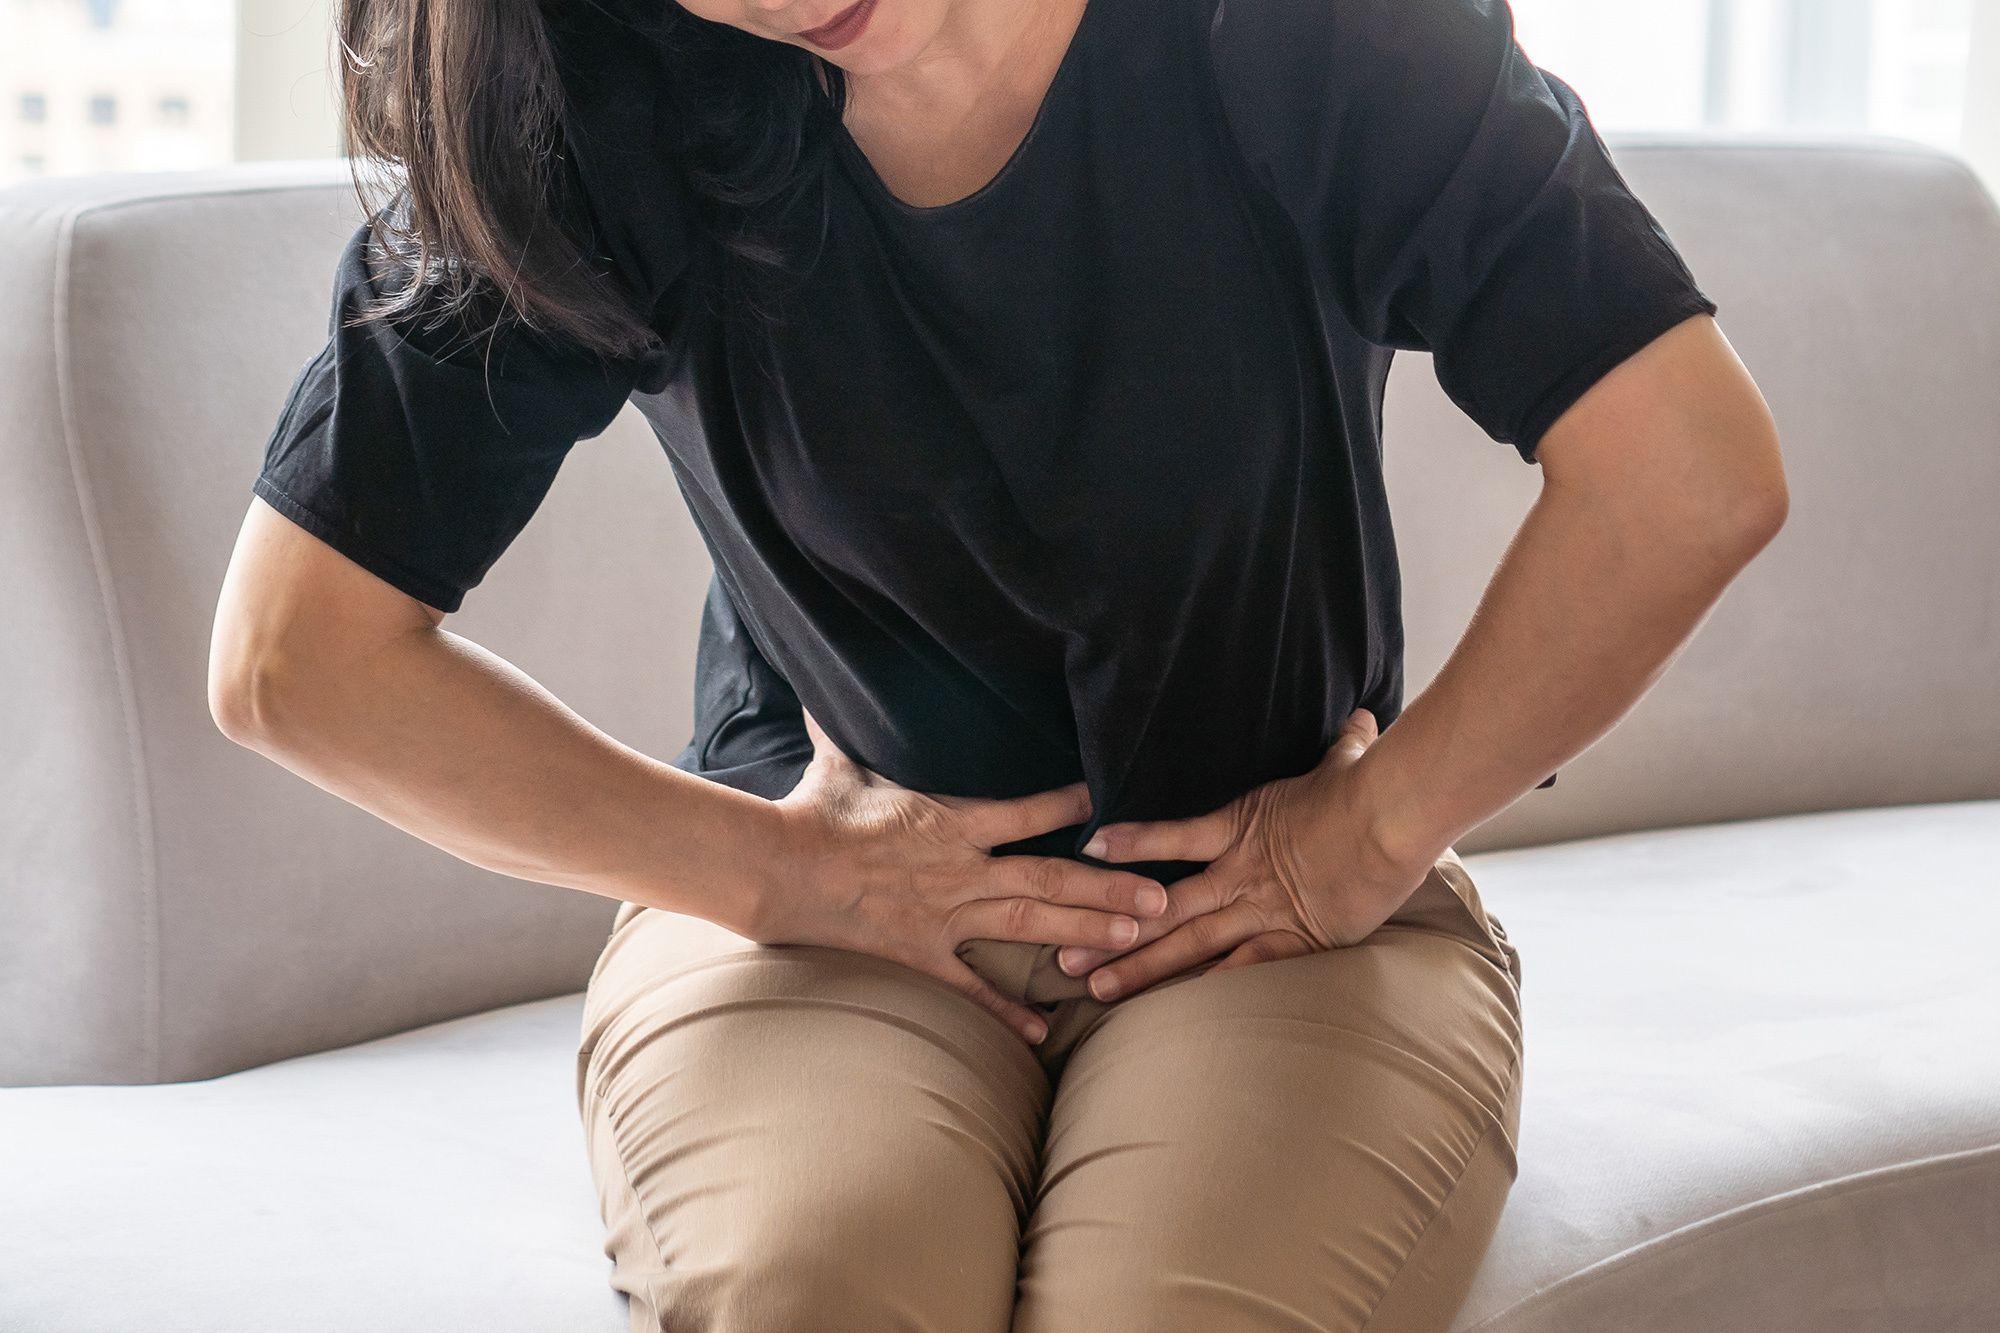 Intoleranca na hrano in sindrom razdraženega črevesja